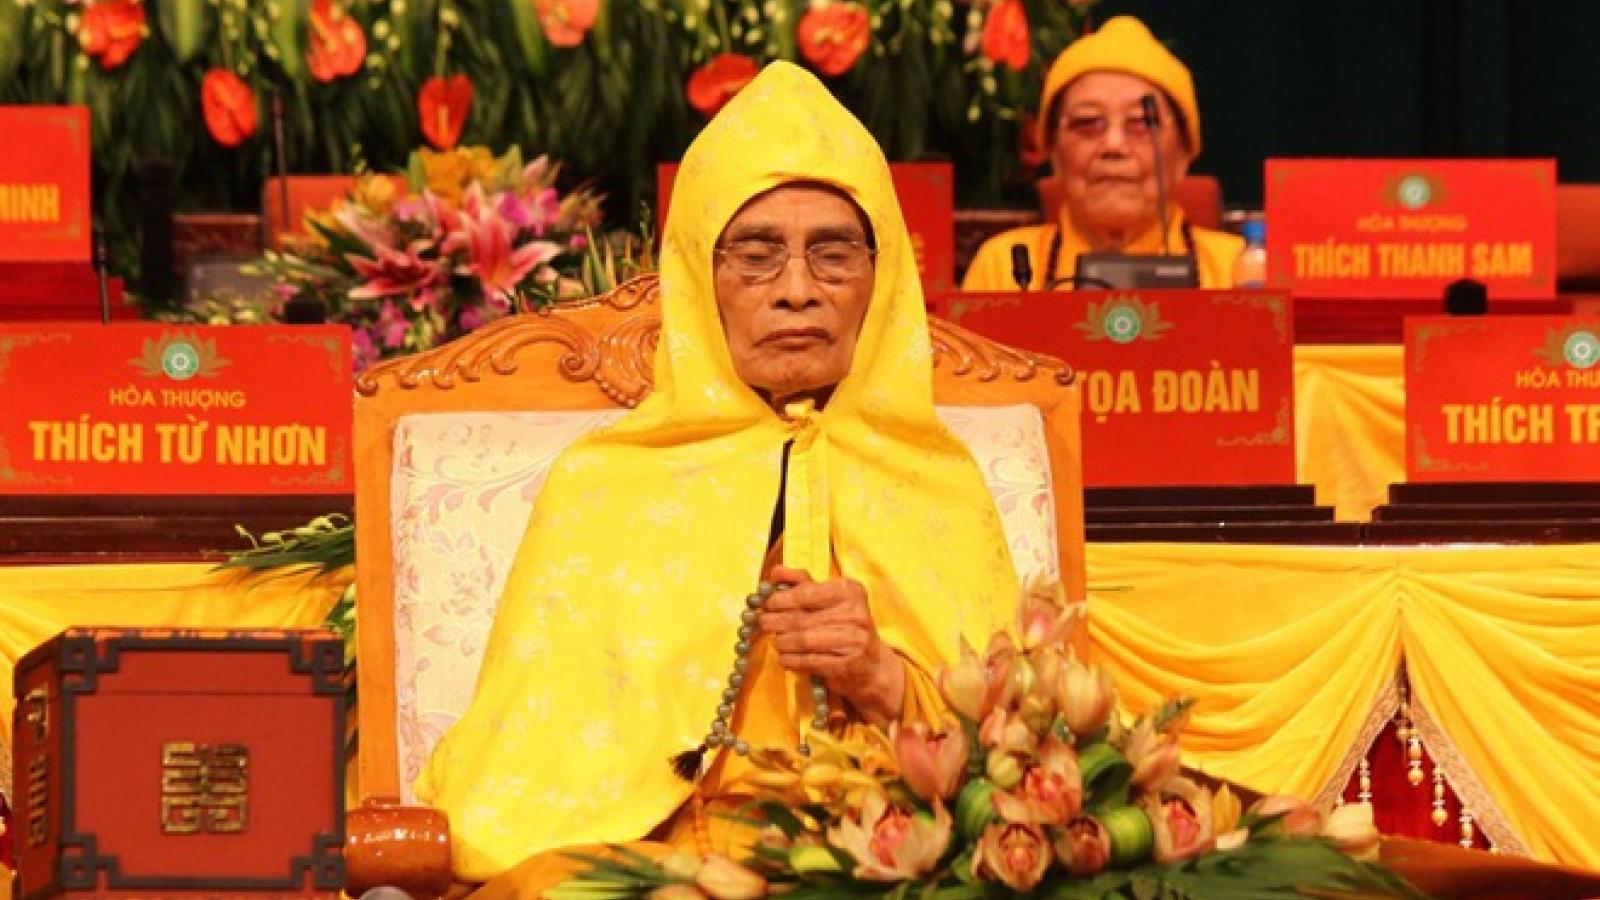 Lễ tang Hòa thượng Thích Phổ Tuệ tổ chức theo tinh thần Ngài di huấn